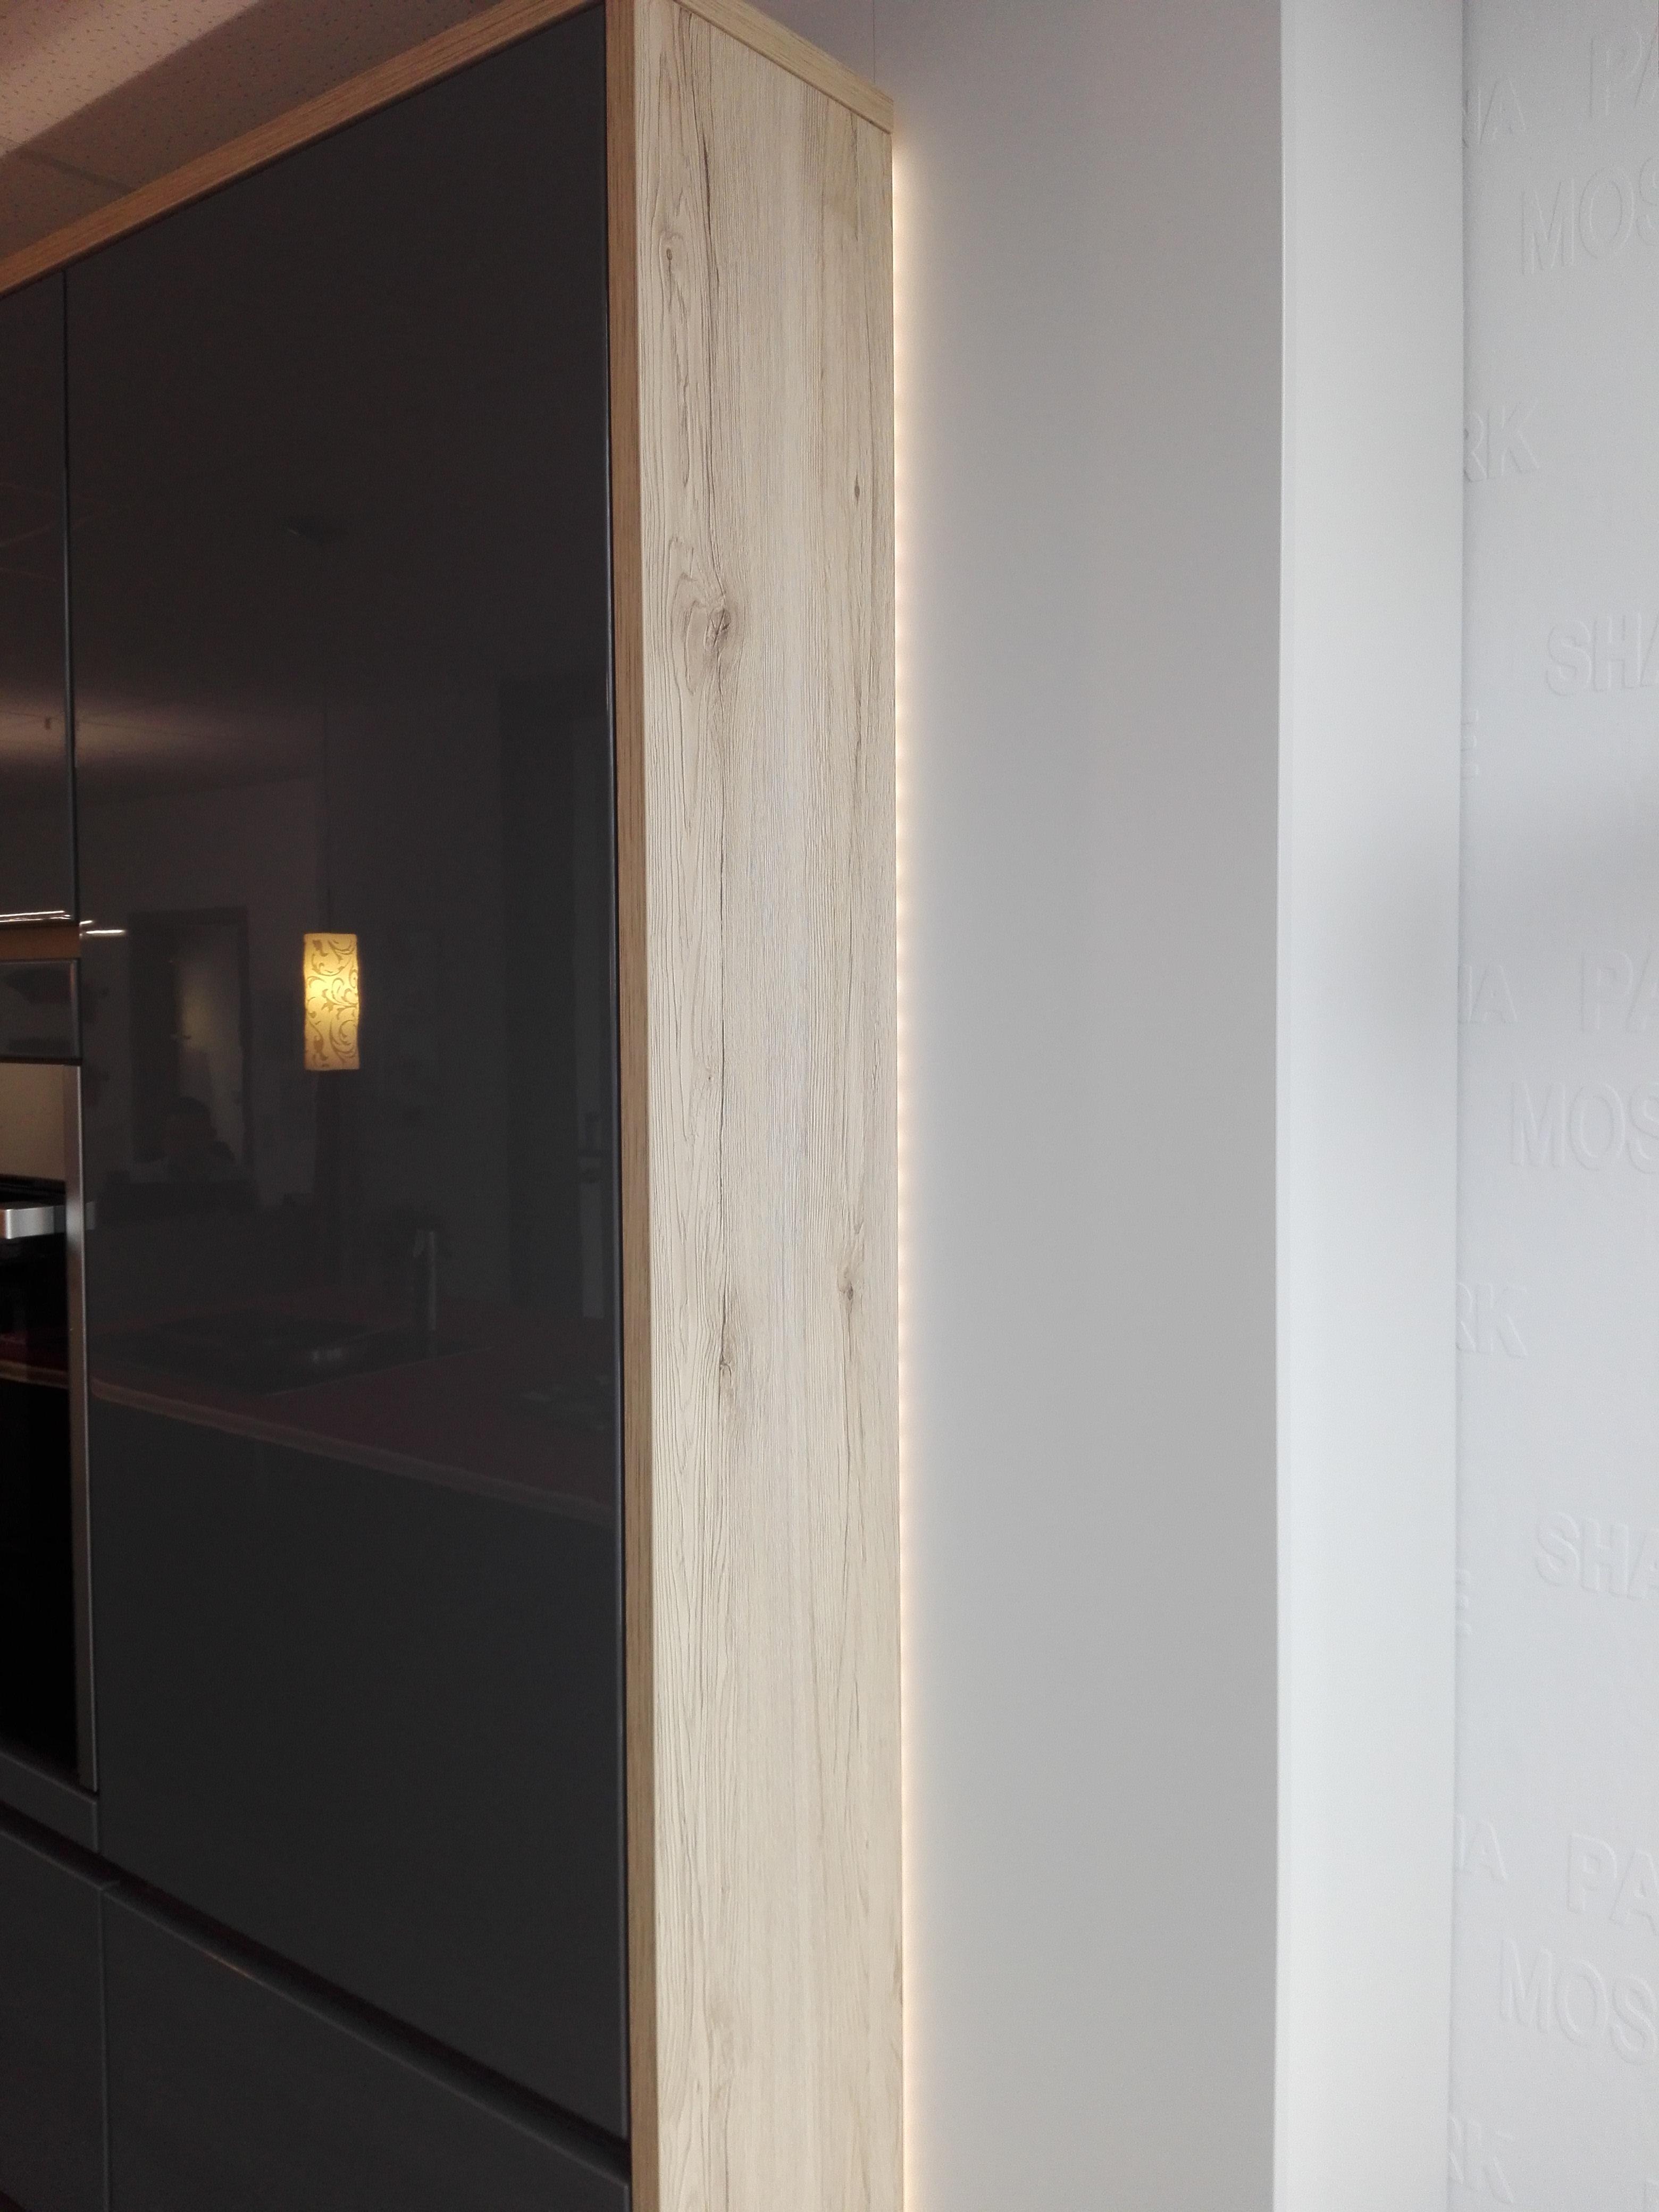 """Küche 6 - Hochschränke im Trockenbau """"versenkt"""" und mit LED-Ambientebeleuchtung in Szene gesetzt"""